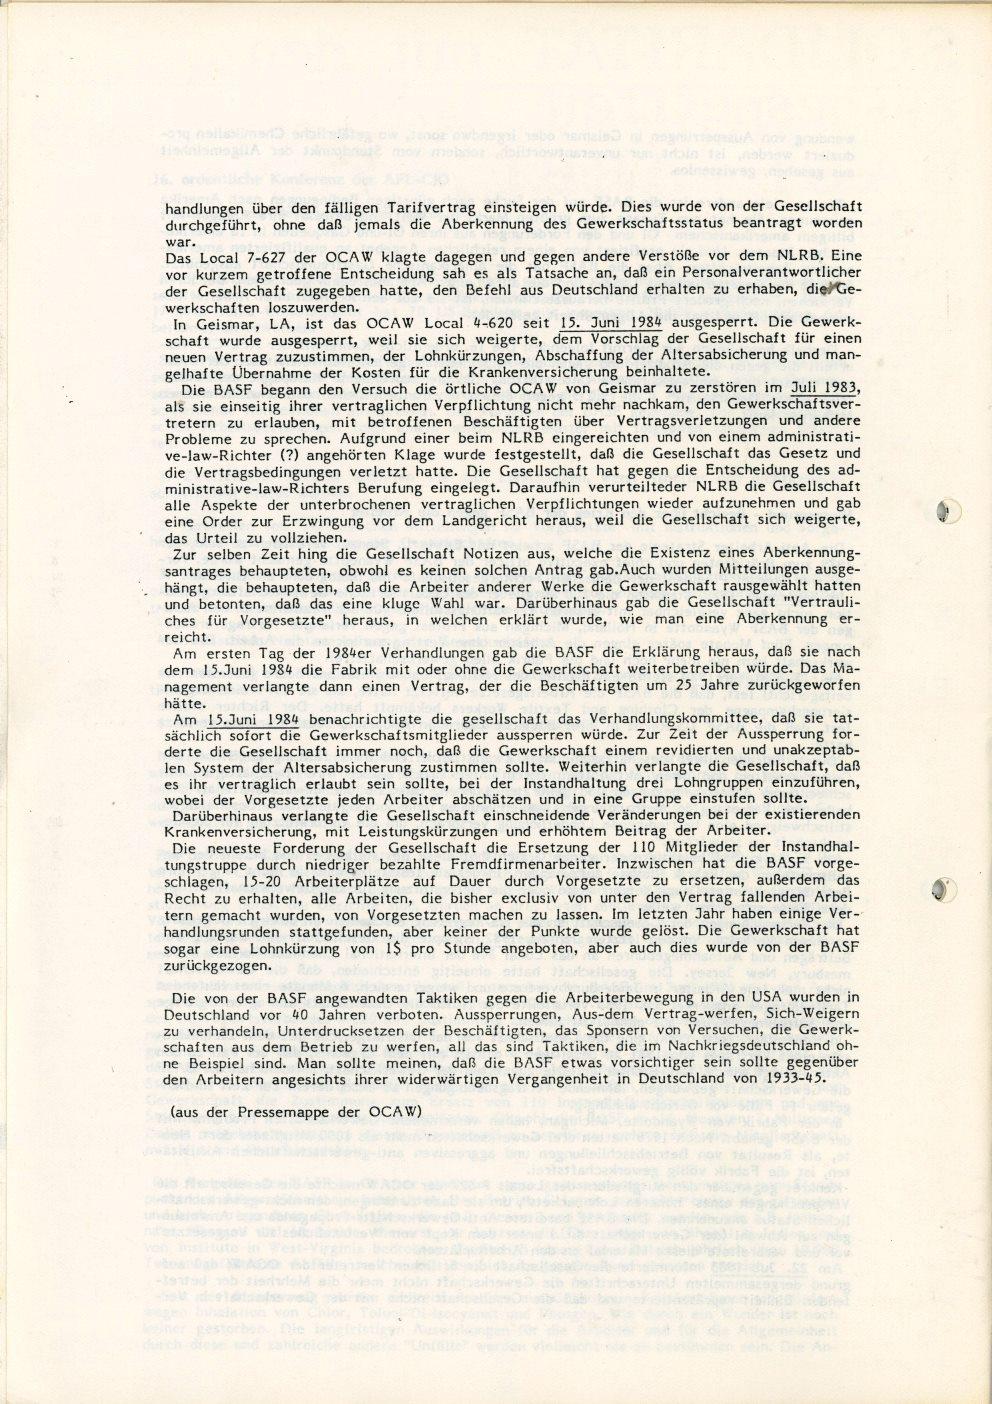 USA_BASF_Aussperrung_in_Geismar_1986_2_04